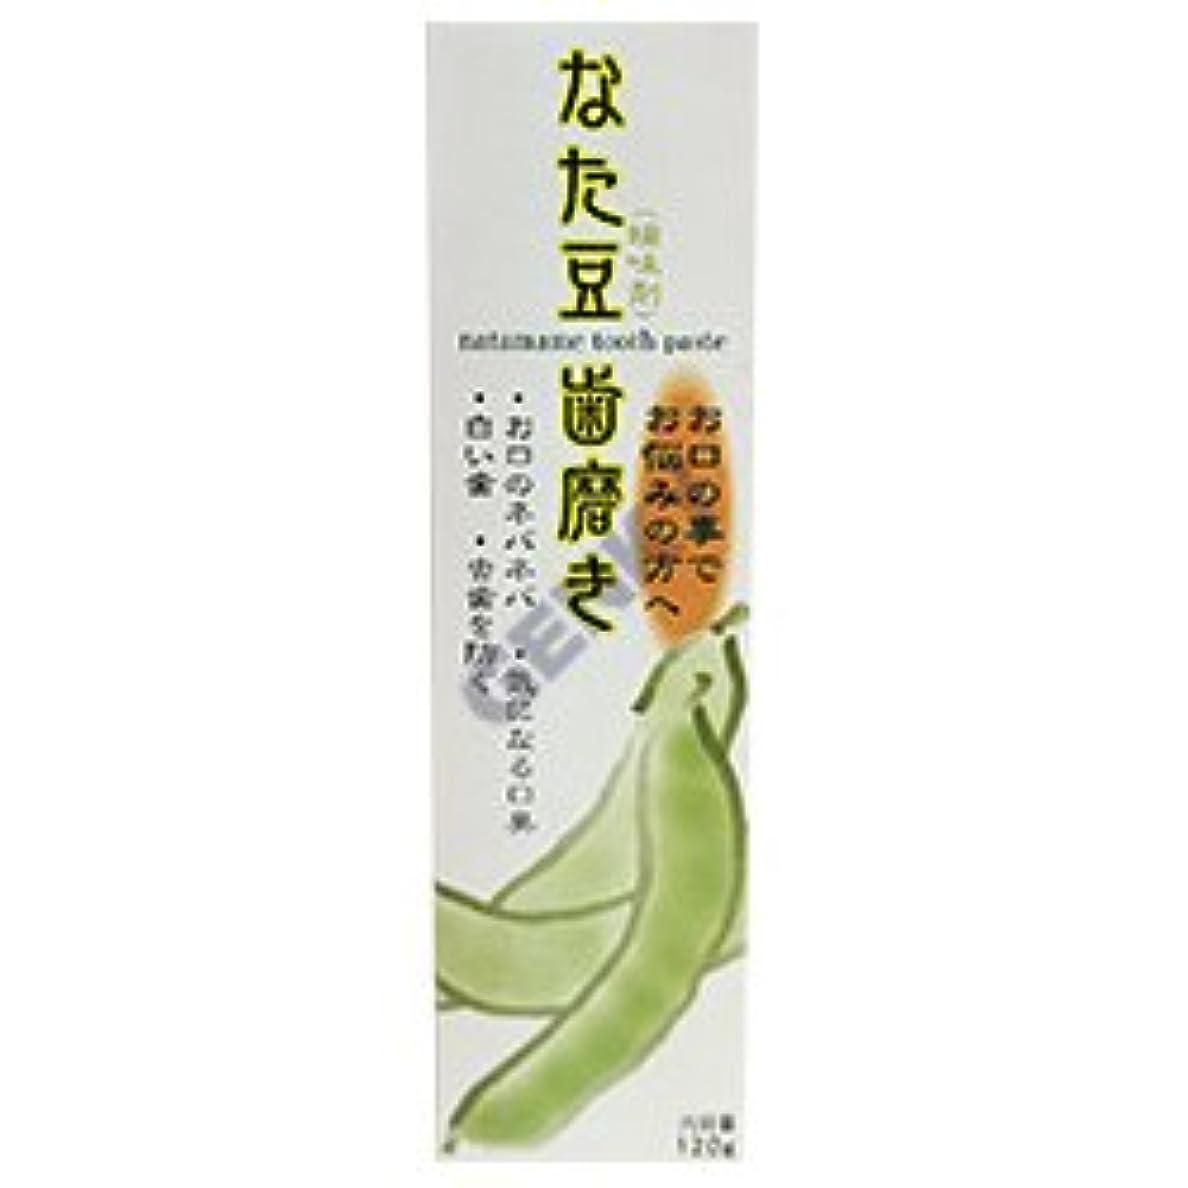 免疫兄ファッション【モルゲンロート】なた豆歯磨き 120g ×20個セット